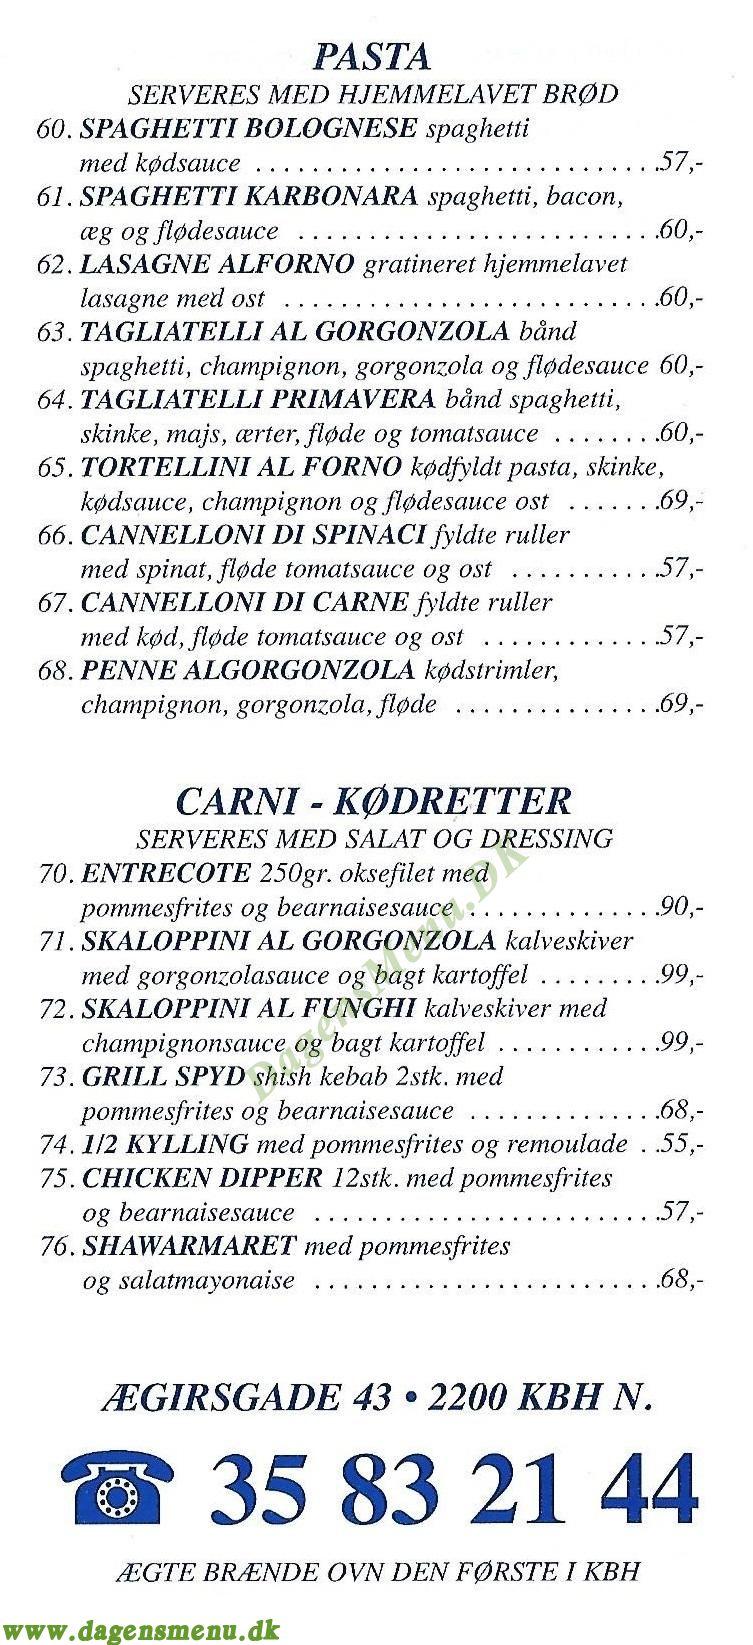 Leif's Pizzeria - Menukort